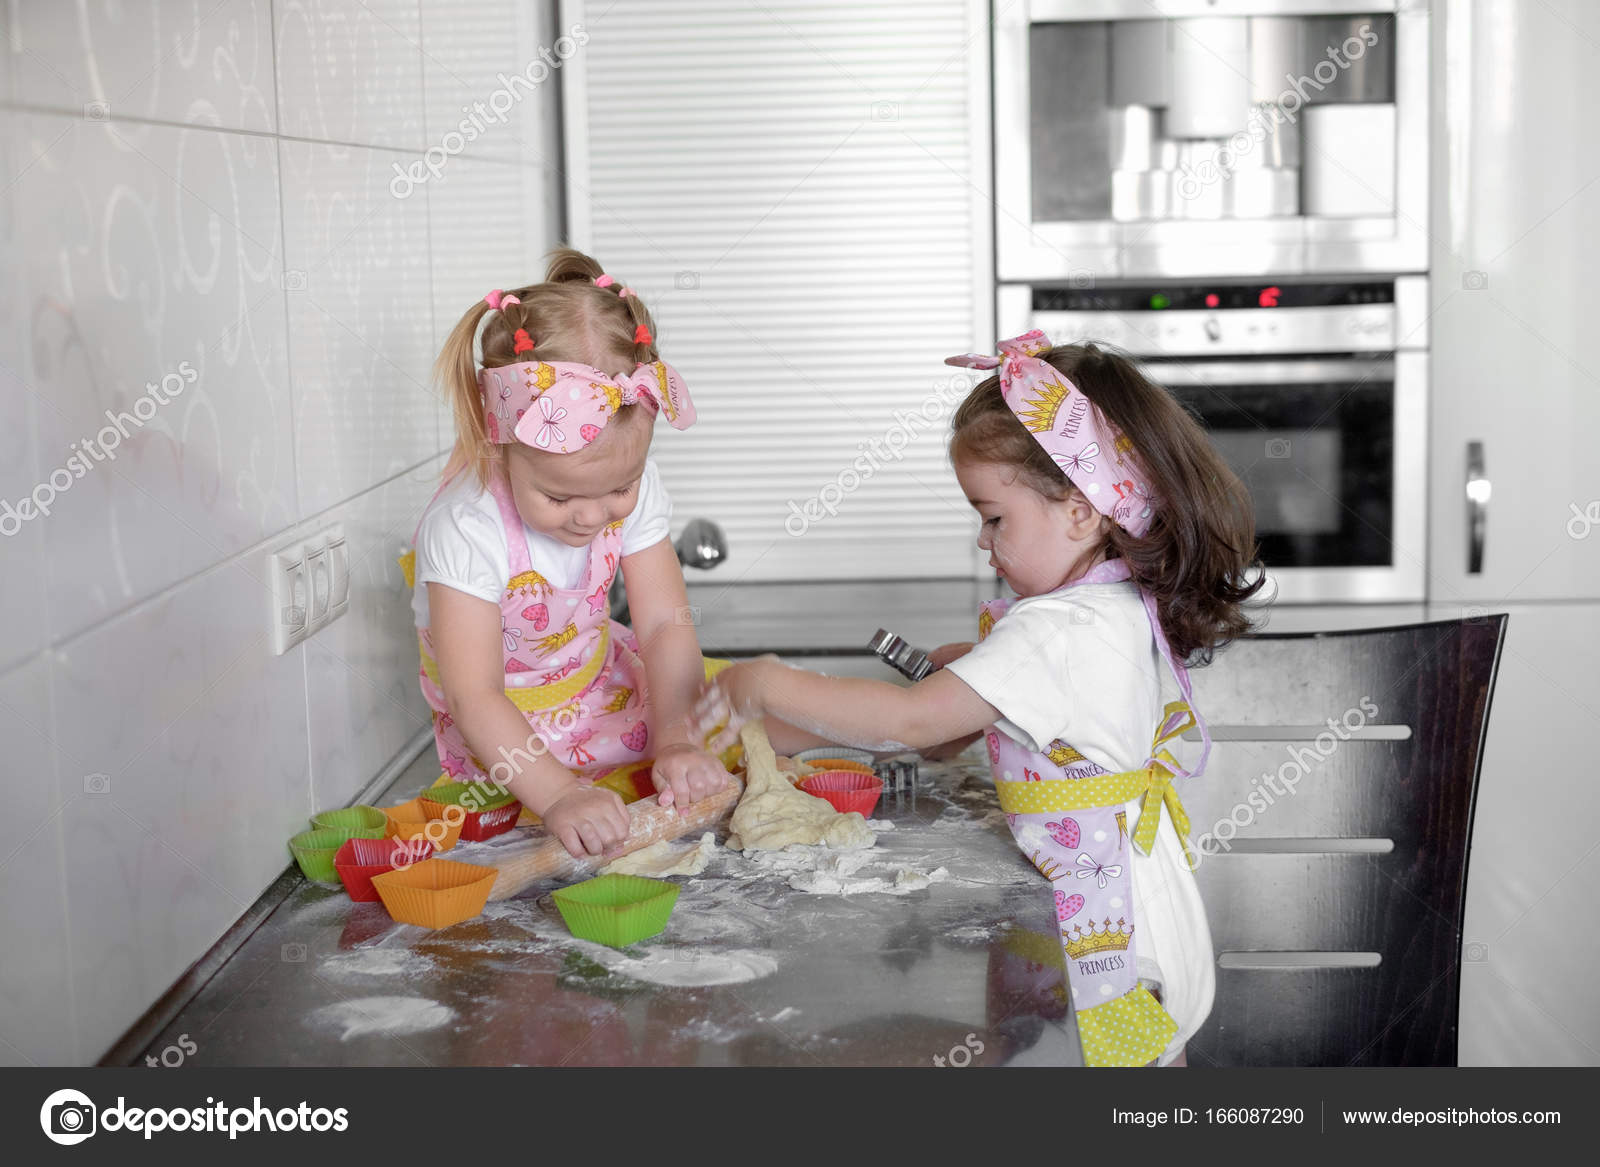 Zwei Glückliche Kleine Mädchen Kind Kochen Mit Mehl Und Teig Auf Dem Tisch  In Der Küche Ist Lieblich Und Schön U2014 Foto Von Maksvil